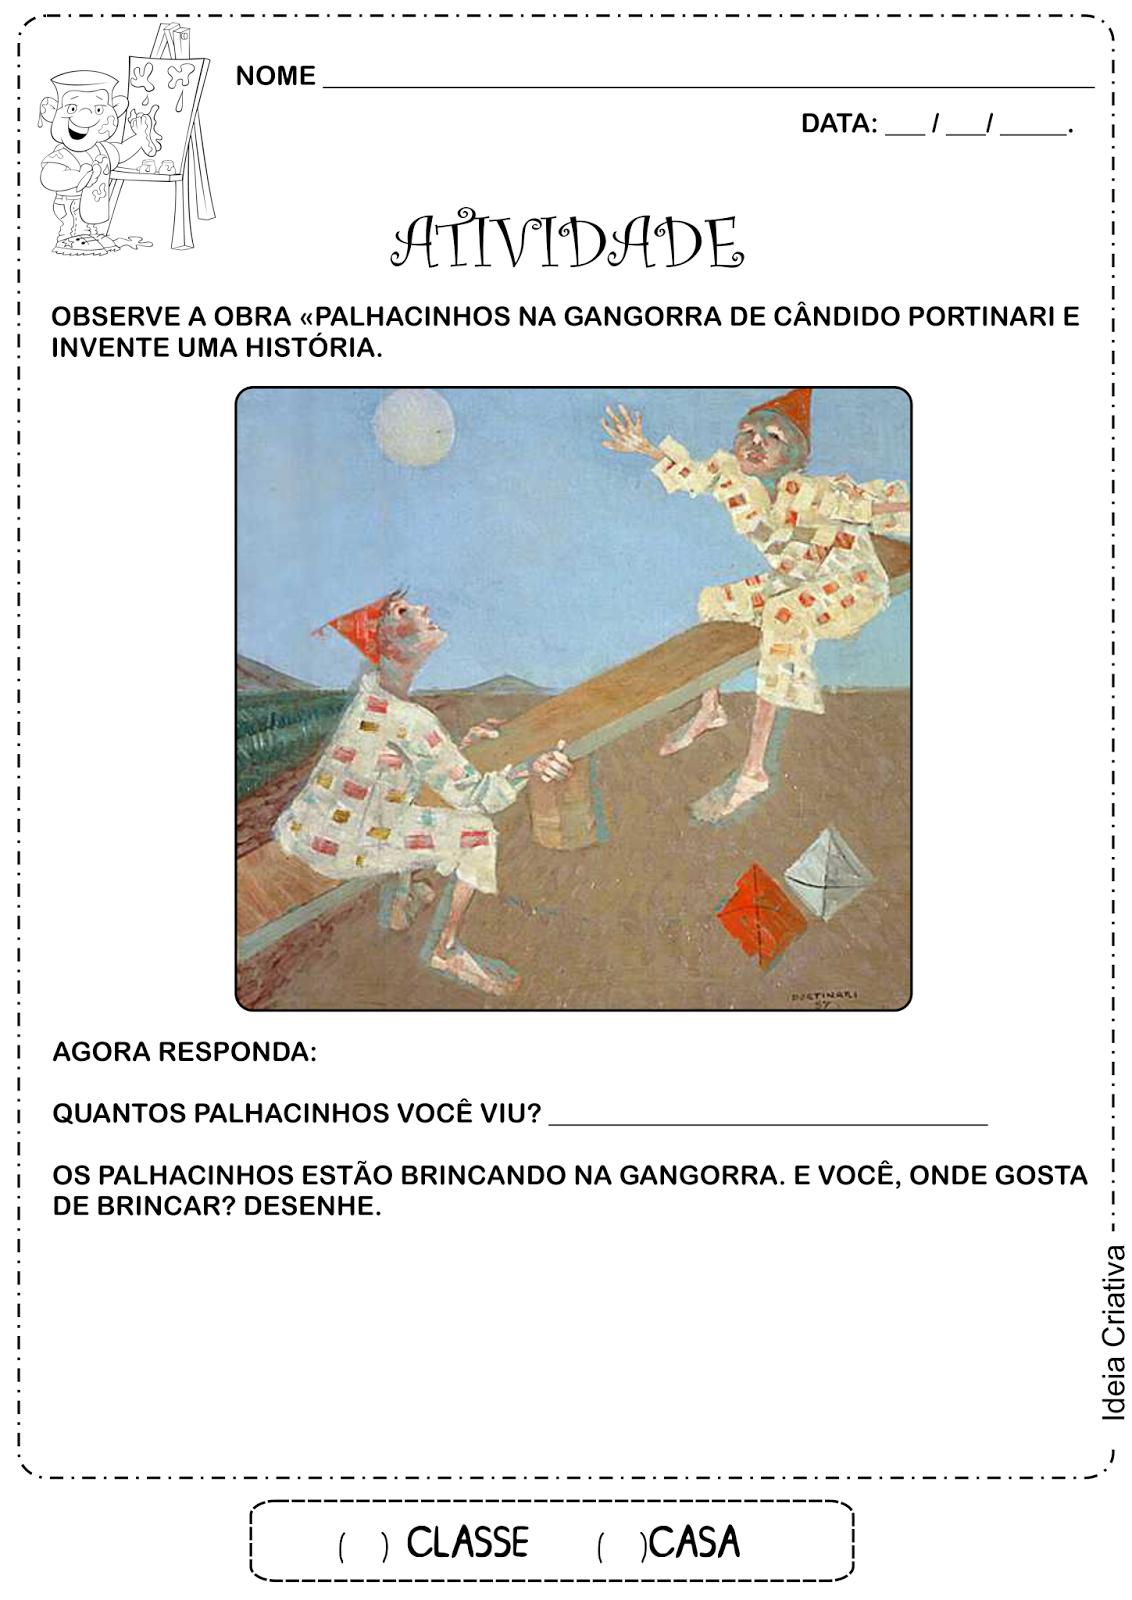 Atividade Releitura de Obra Palhacinhos na Gangorra de Cândido Portinari